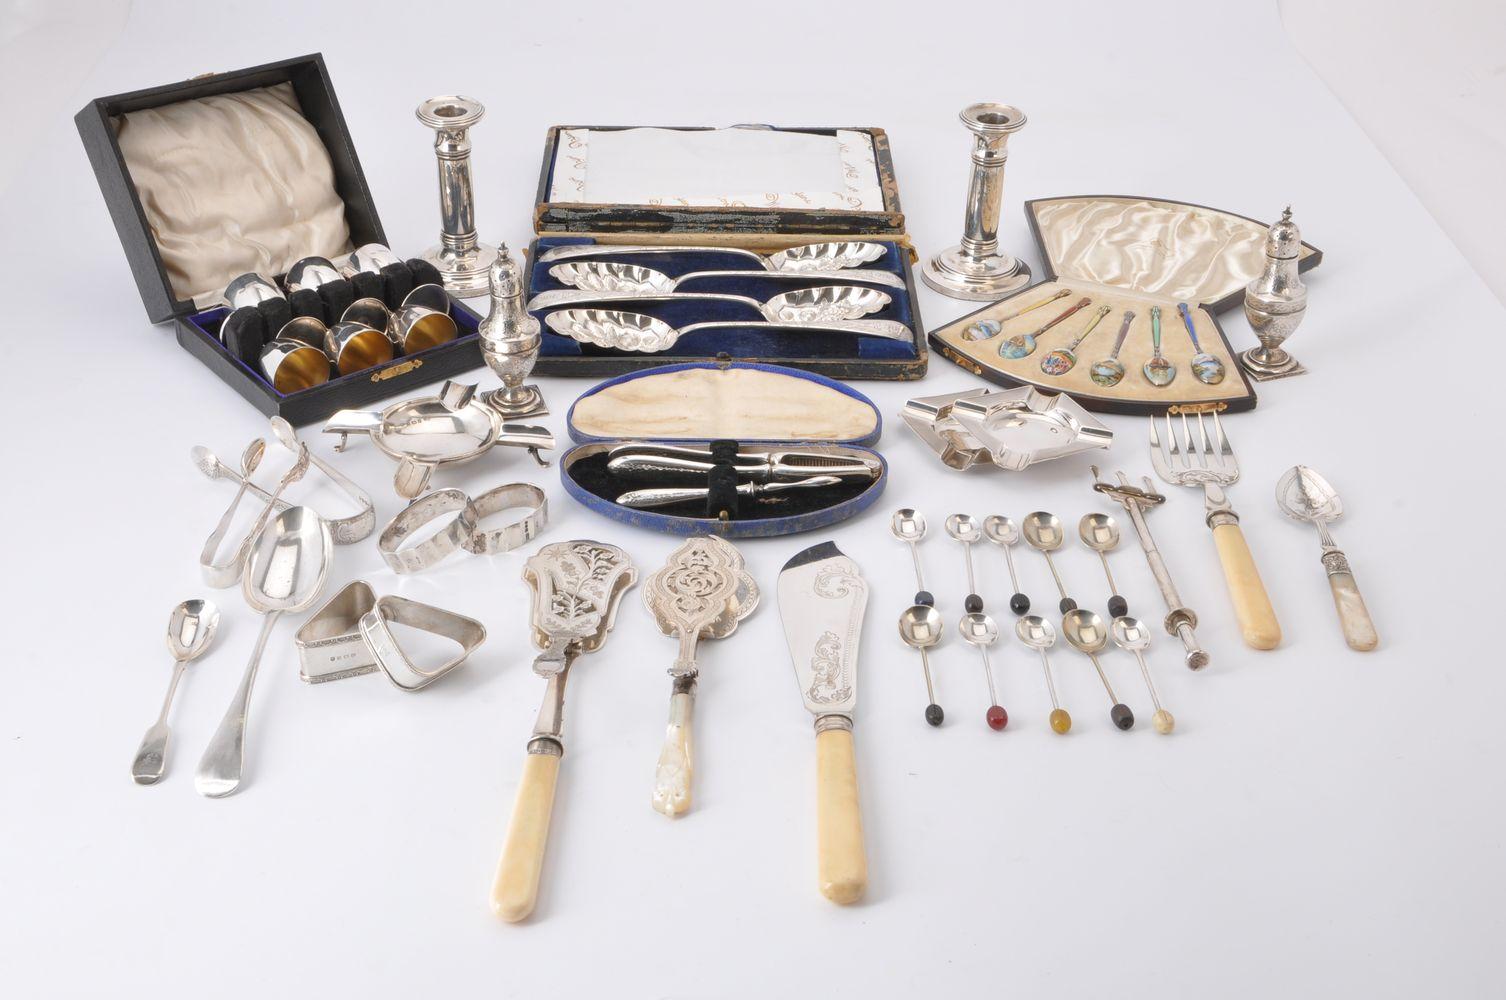 ϒ A collection of silver and plated wares